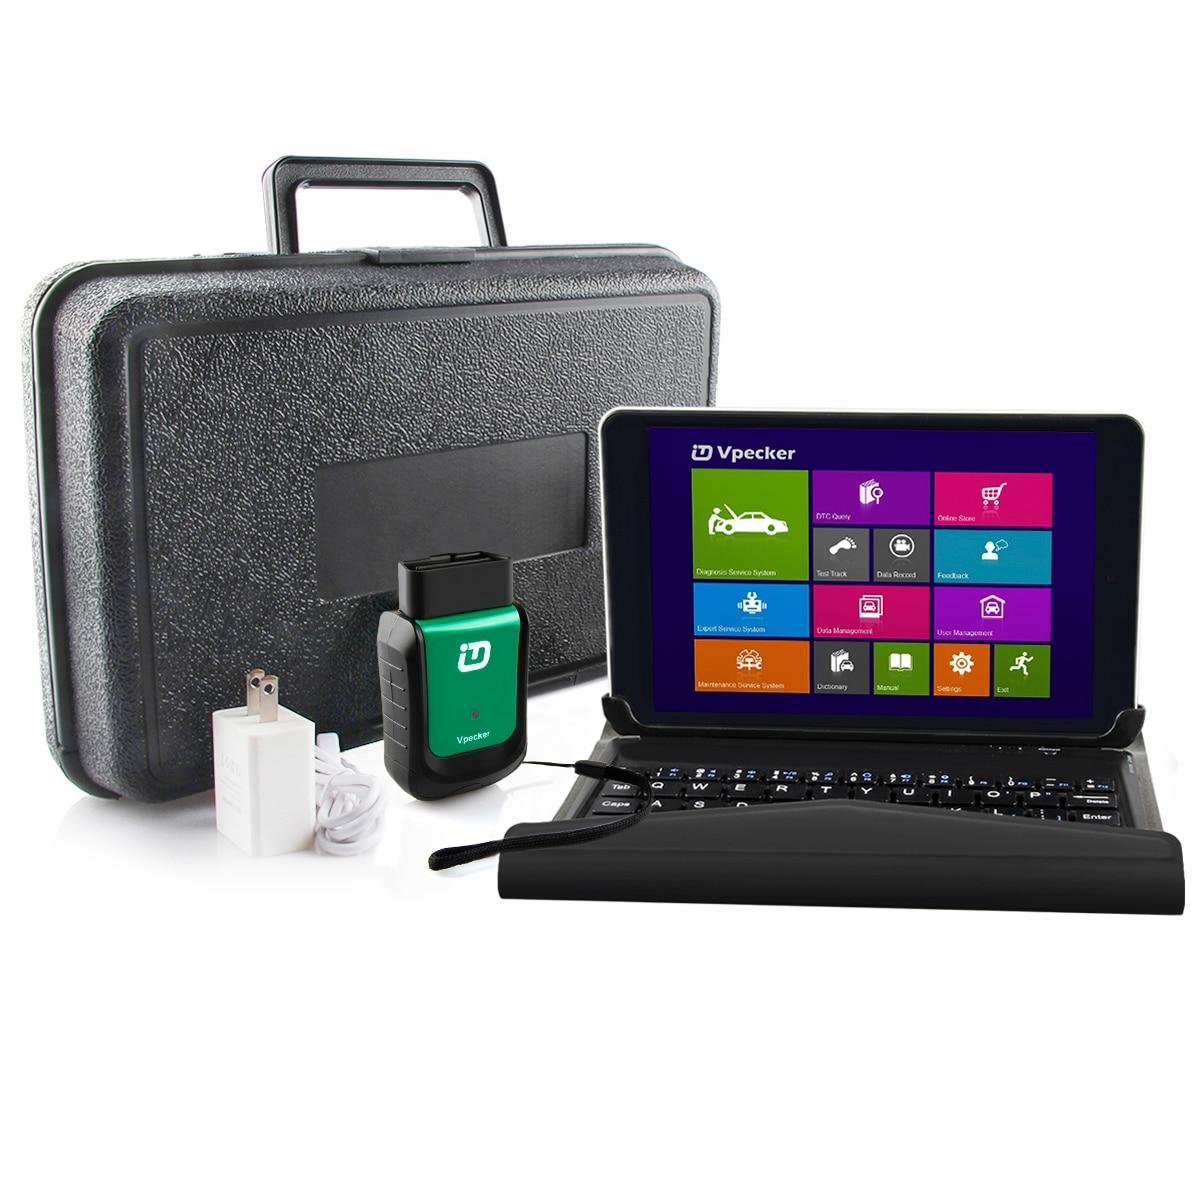 2020 Vpecker Easydiag OBD2 Autoscanner V11.1 WIFI Автомобильный сканер + 8 в Windows 10 планшет ODB 2 OBD Автомобильный диагностический сканер